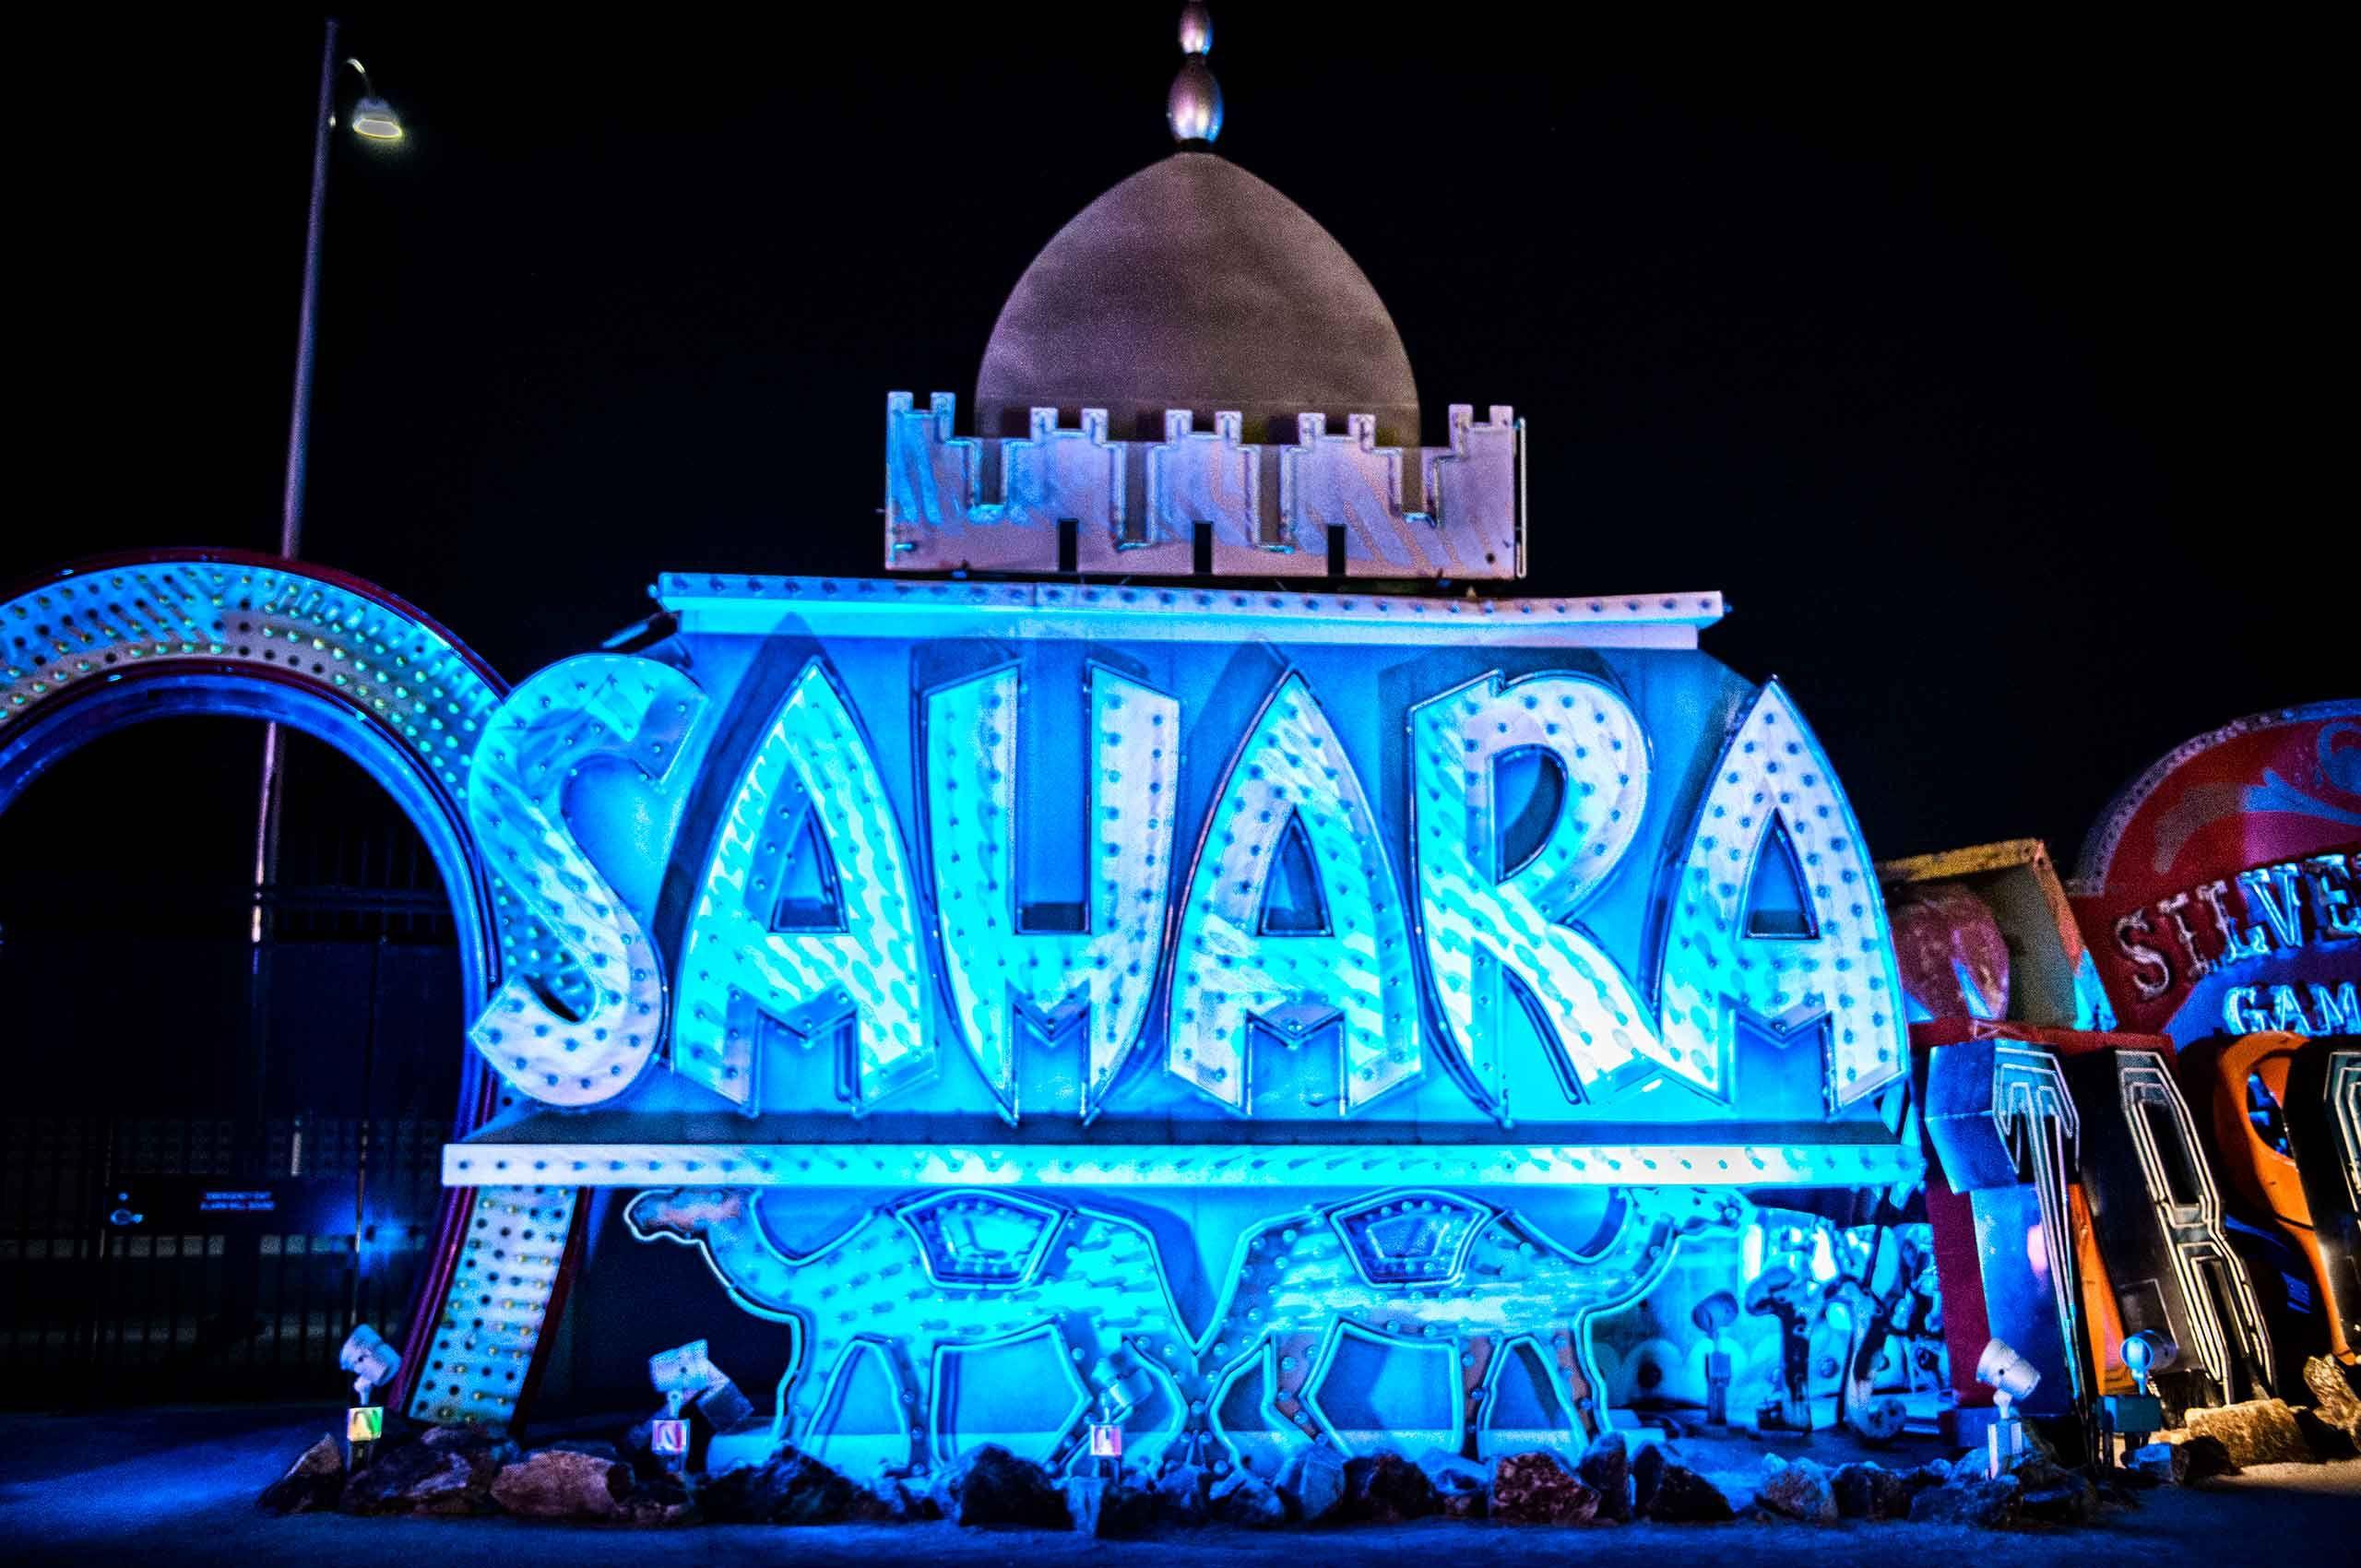 sahara-neonmuseum-lasvegas-by-henrikolundphotography.jpg